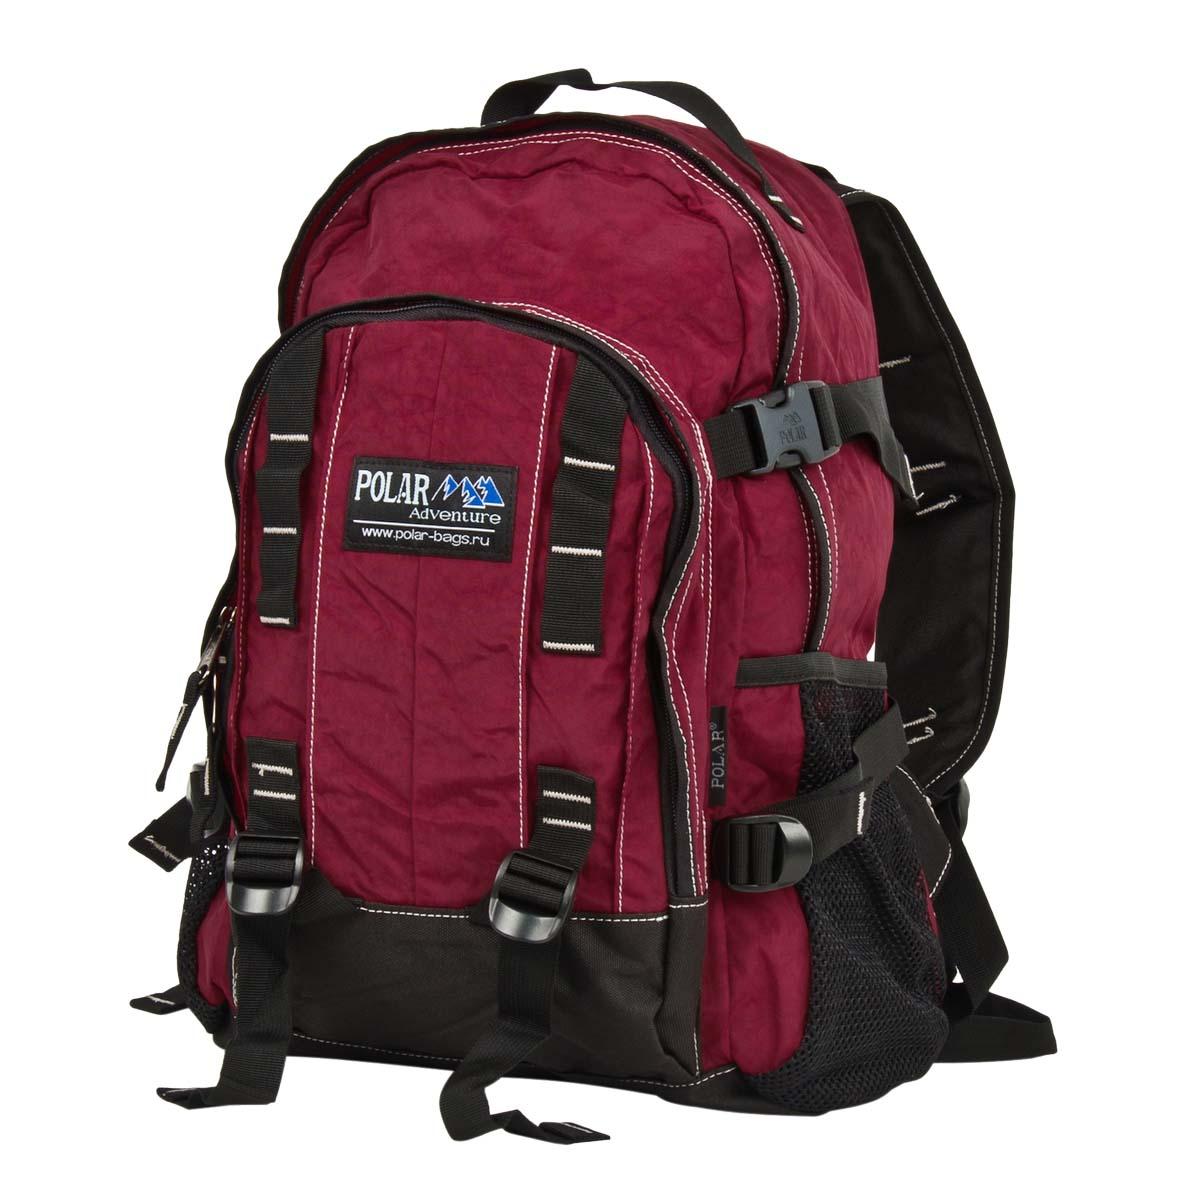 Рюкзак городской Polar, 29 л, цвет: бордовый. П876-14Z90 blackГородской рюкзак с модным дизайном. Полностью вентилируемая и удобная мягкая спинка, мягкие плечевые лямки создают дополнительный комфорт при ношении. Центральный отсек для персональных вещей и документов A4 на двухсторонних молниях для удобства. Маленький карман для mp3, CD плеера. Два боковых кармана под бутылки с водой на резинке. Система циркуляции воздуха Air. Материал Polyester.